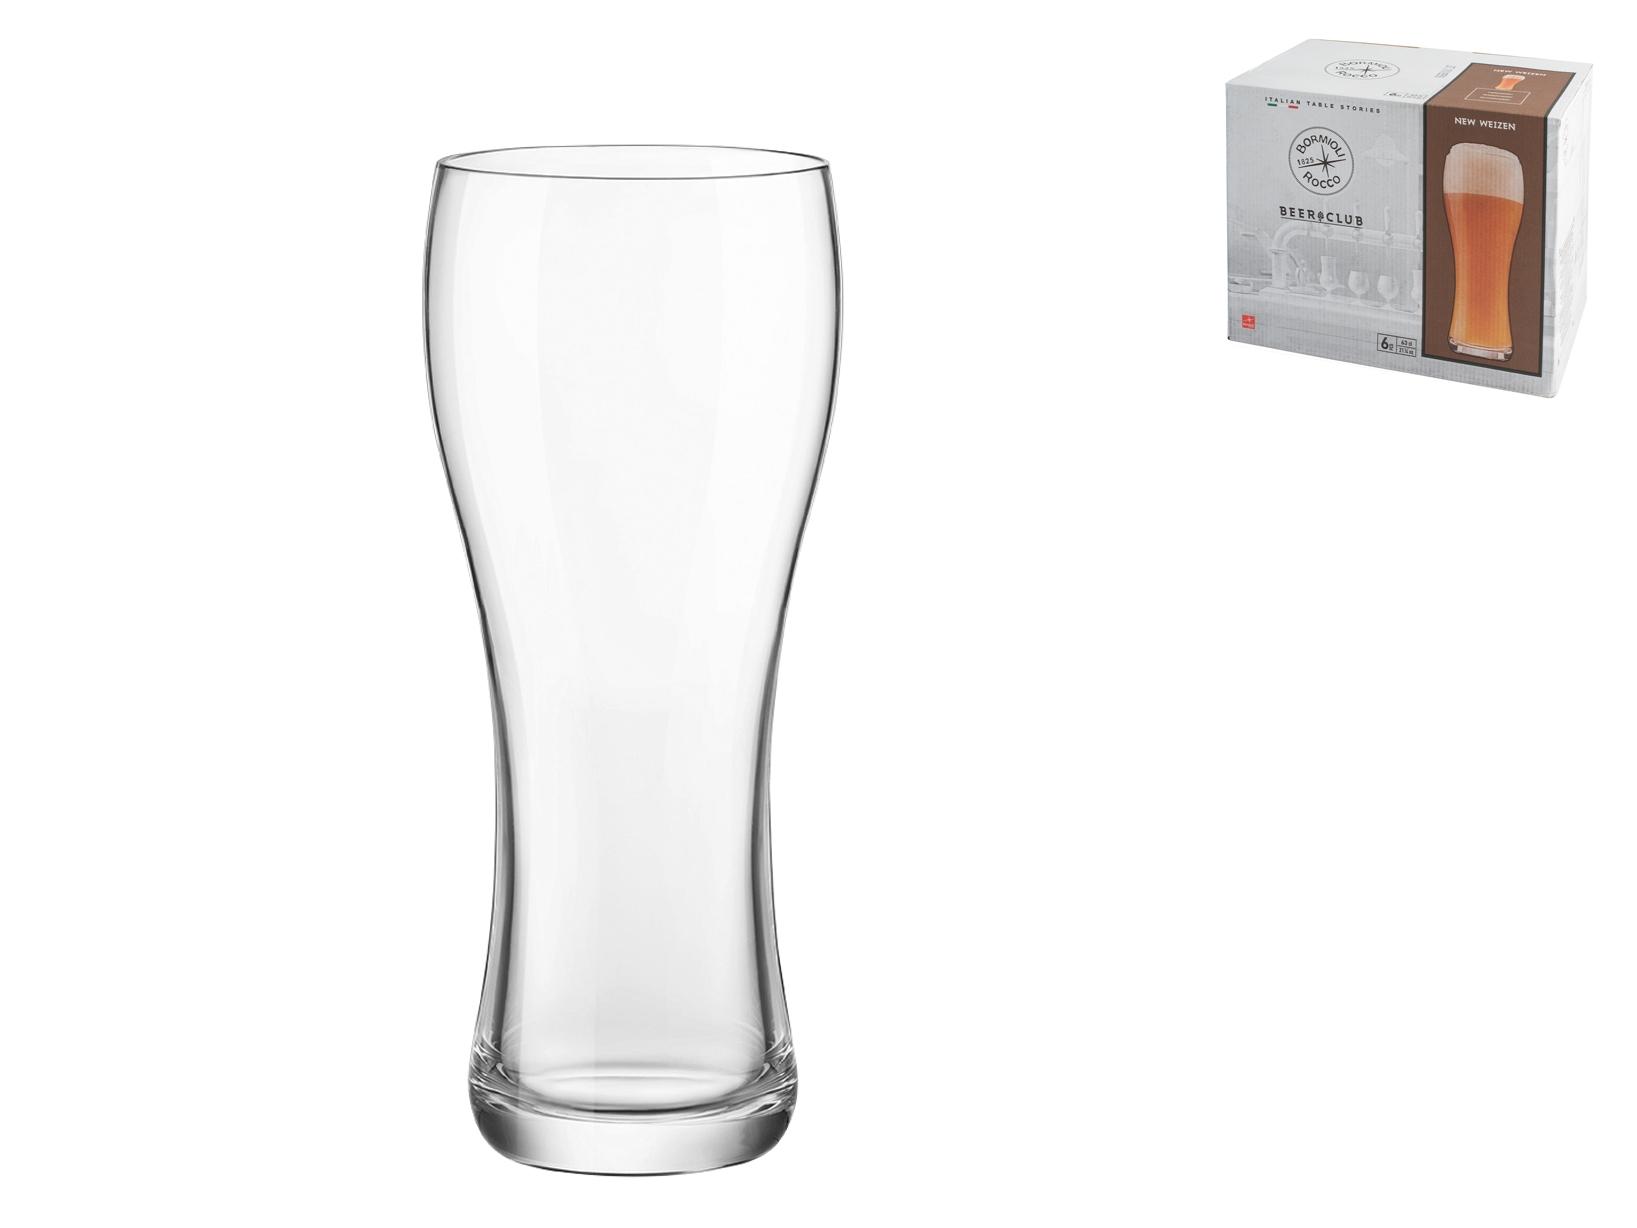 6 Bicchieri In Vetro Birra New Weizen Cl66